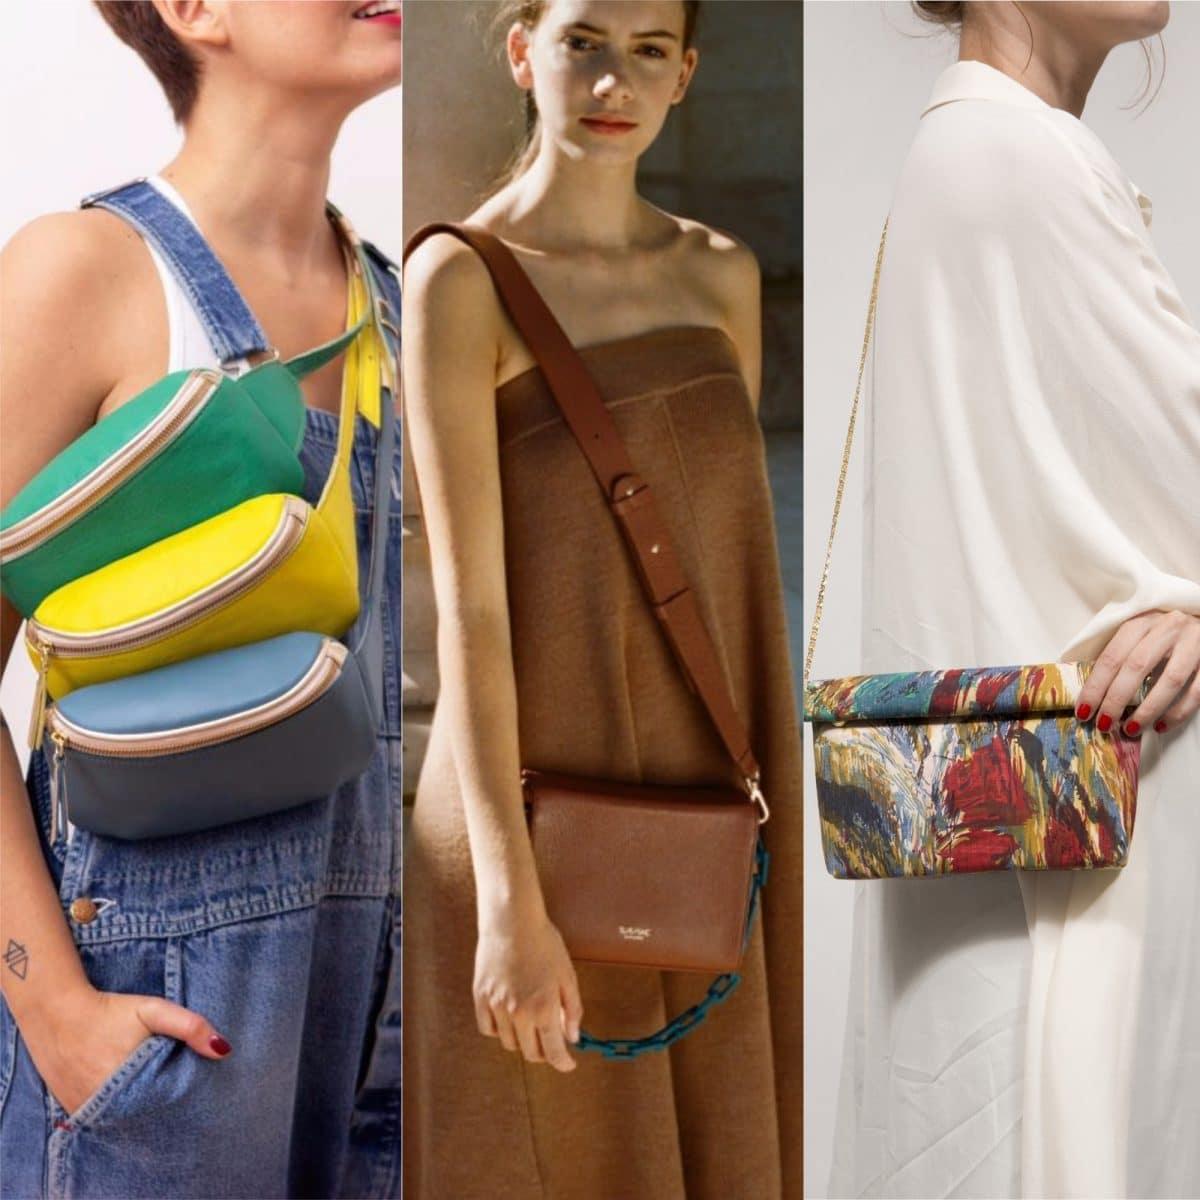 63f0ae28efe Desde VEIN hemos querido compartir contigo 6 modelos de bolsos para casi  todos los gustos. Del bolso estrella que acapara todas las miradas, al  acompañante ...